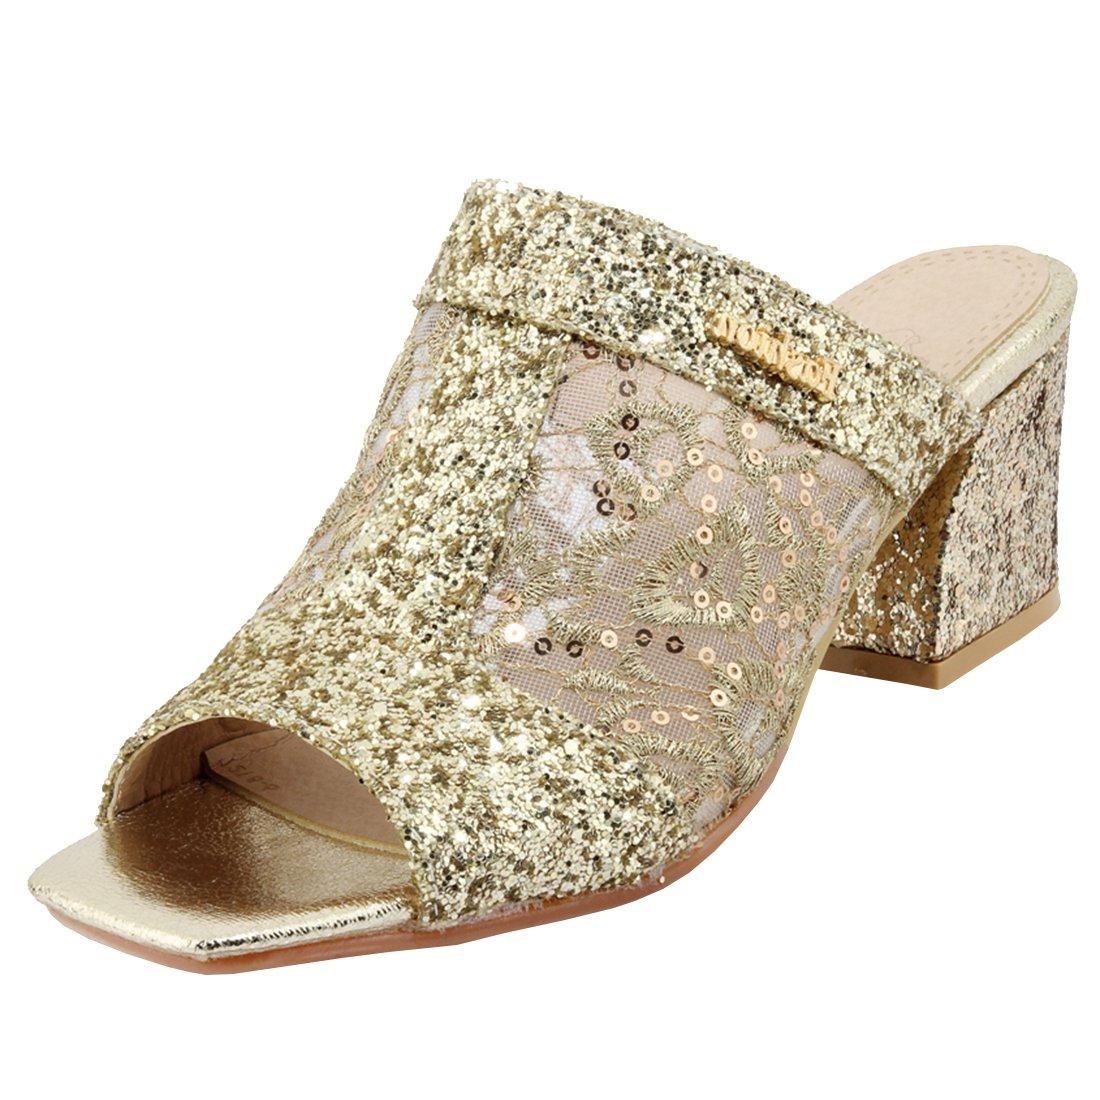 Artfaerie Damen Mittel Absatz Offen Slipper Mules mit Spitze und Blockabsatz Slingback Pantoletten Bequem Loafers Schuhe  36 EU|Gold